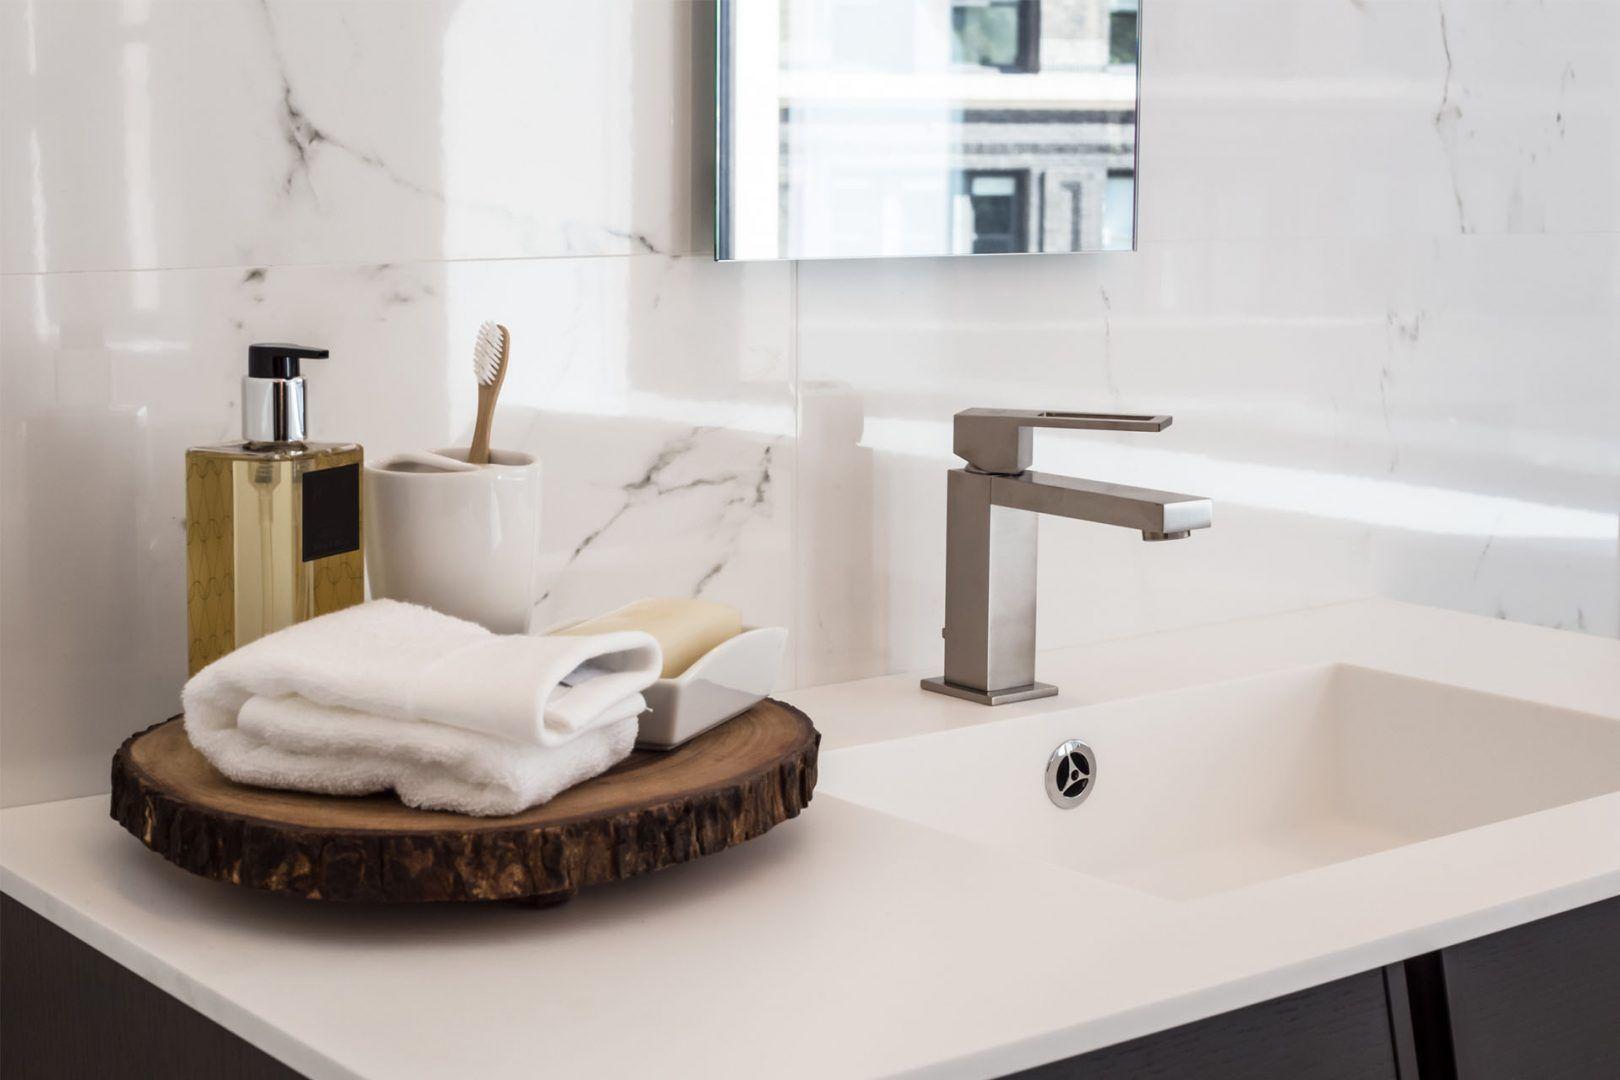 Schimmel Vorbeugen Badezimmer Klein Badezimmer Design Badgestaltung